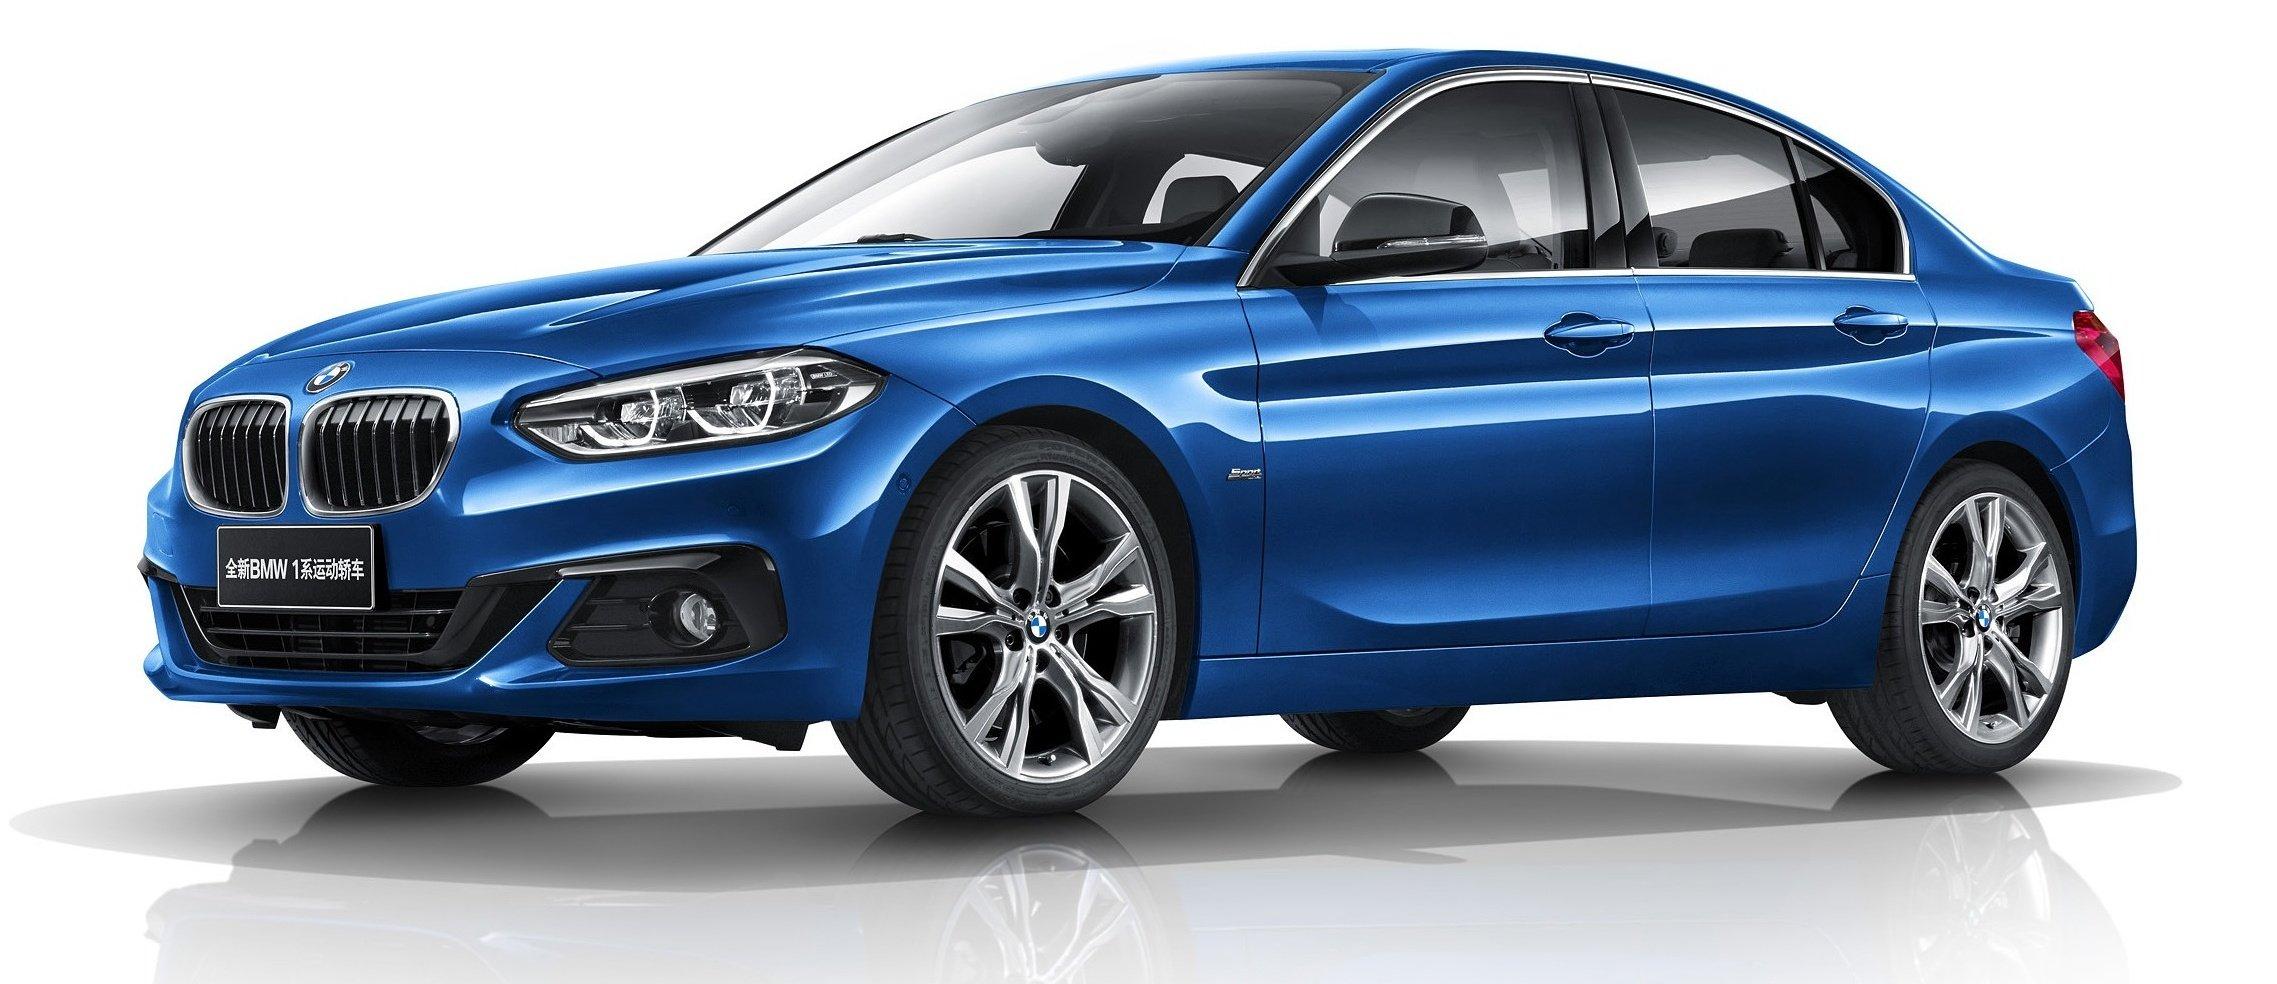 Bmw >> BMW 1 Series Sedan 中国上市,全车系使用前轮驱动。 BMW-1-Series-Sedan-06-e1488254931367 - Paul Tan 汽车资讯网